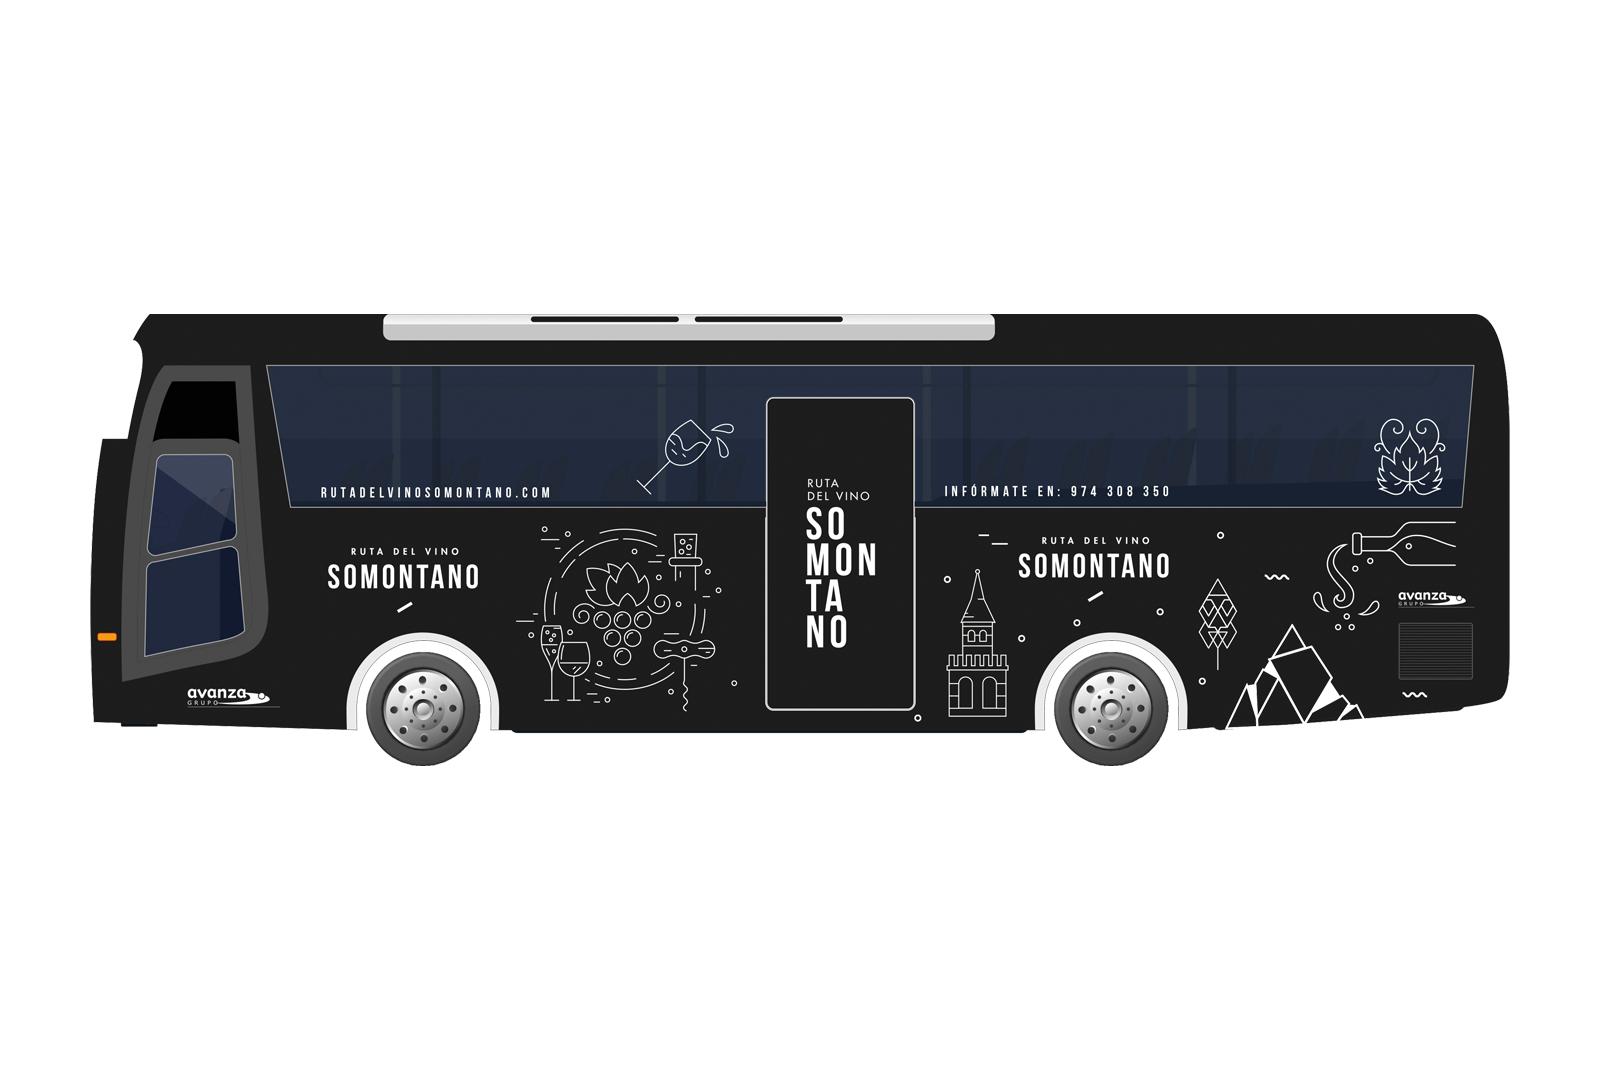 Vuelve el Bus del Vino Somontano con nueve itinerarios únicos